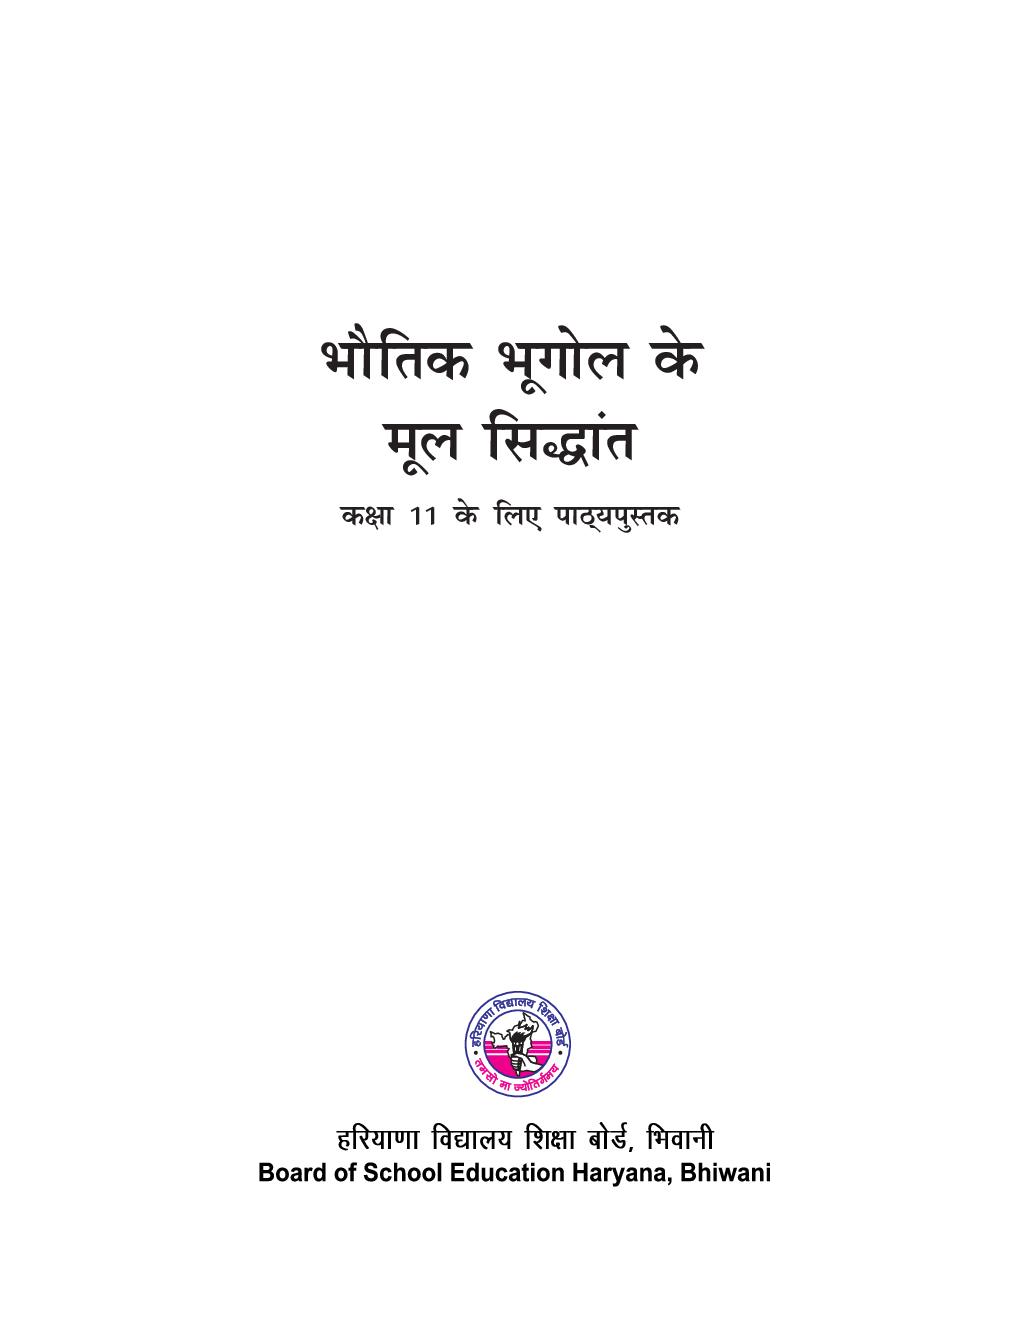 भौतिक भूगोल के मूल सिद्धांत कक्षा - XI For Board Of School Education, Haryana - Page 2